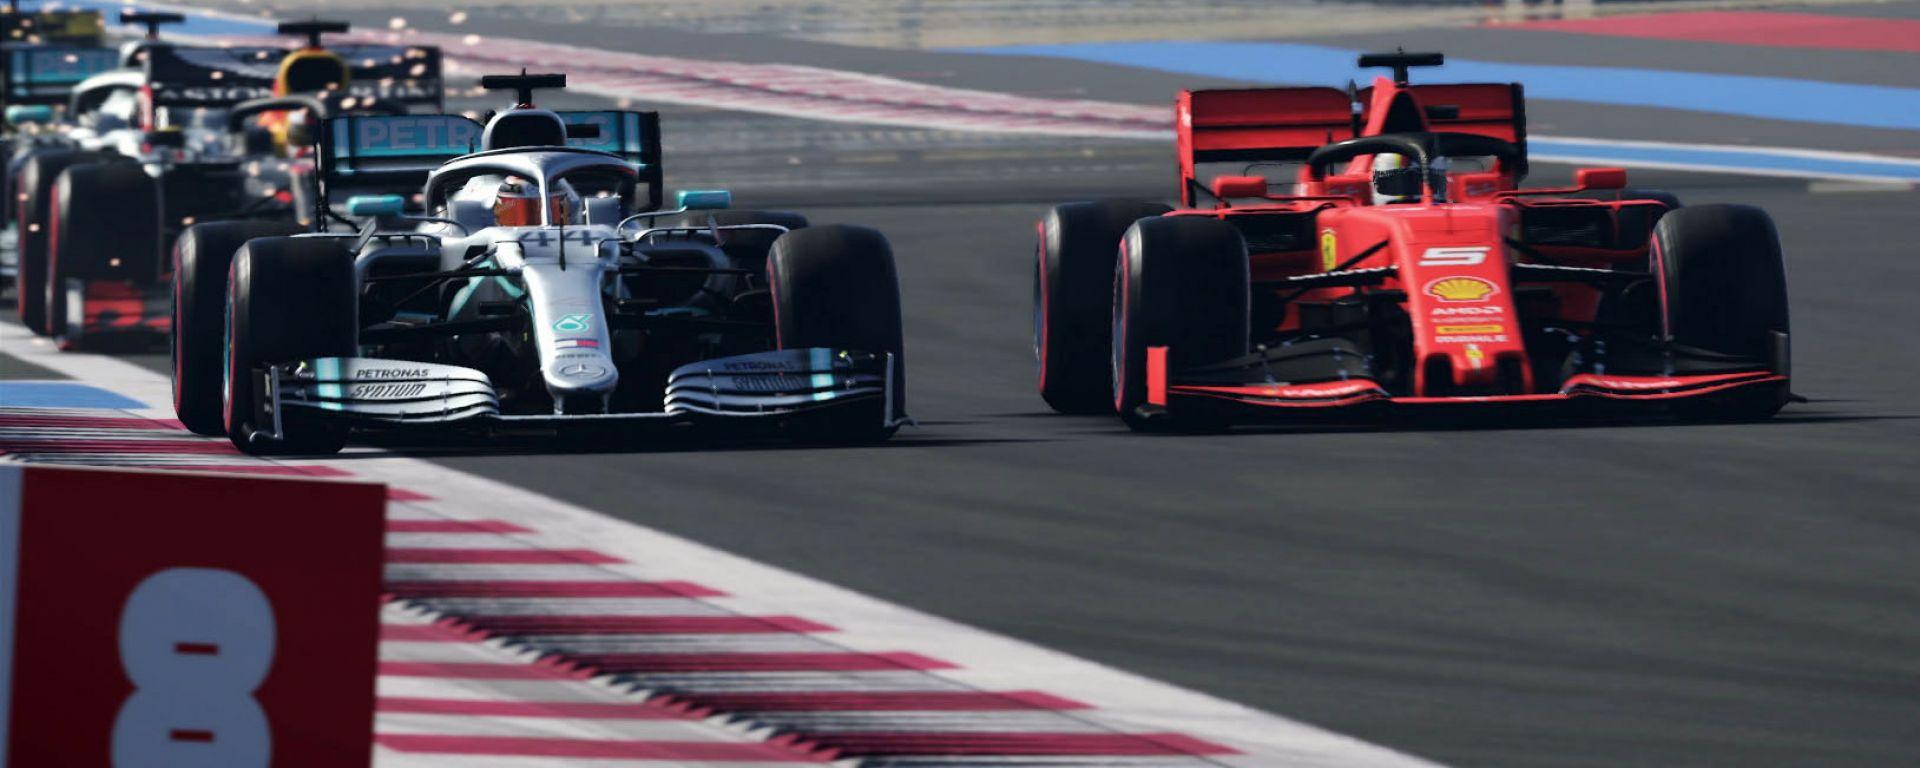 F1 2019 è uscito il 28 giugno in concomitanza con il venerdì di prove libere del Gp Austria